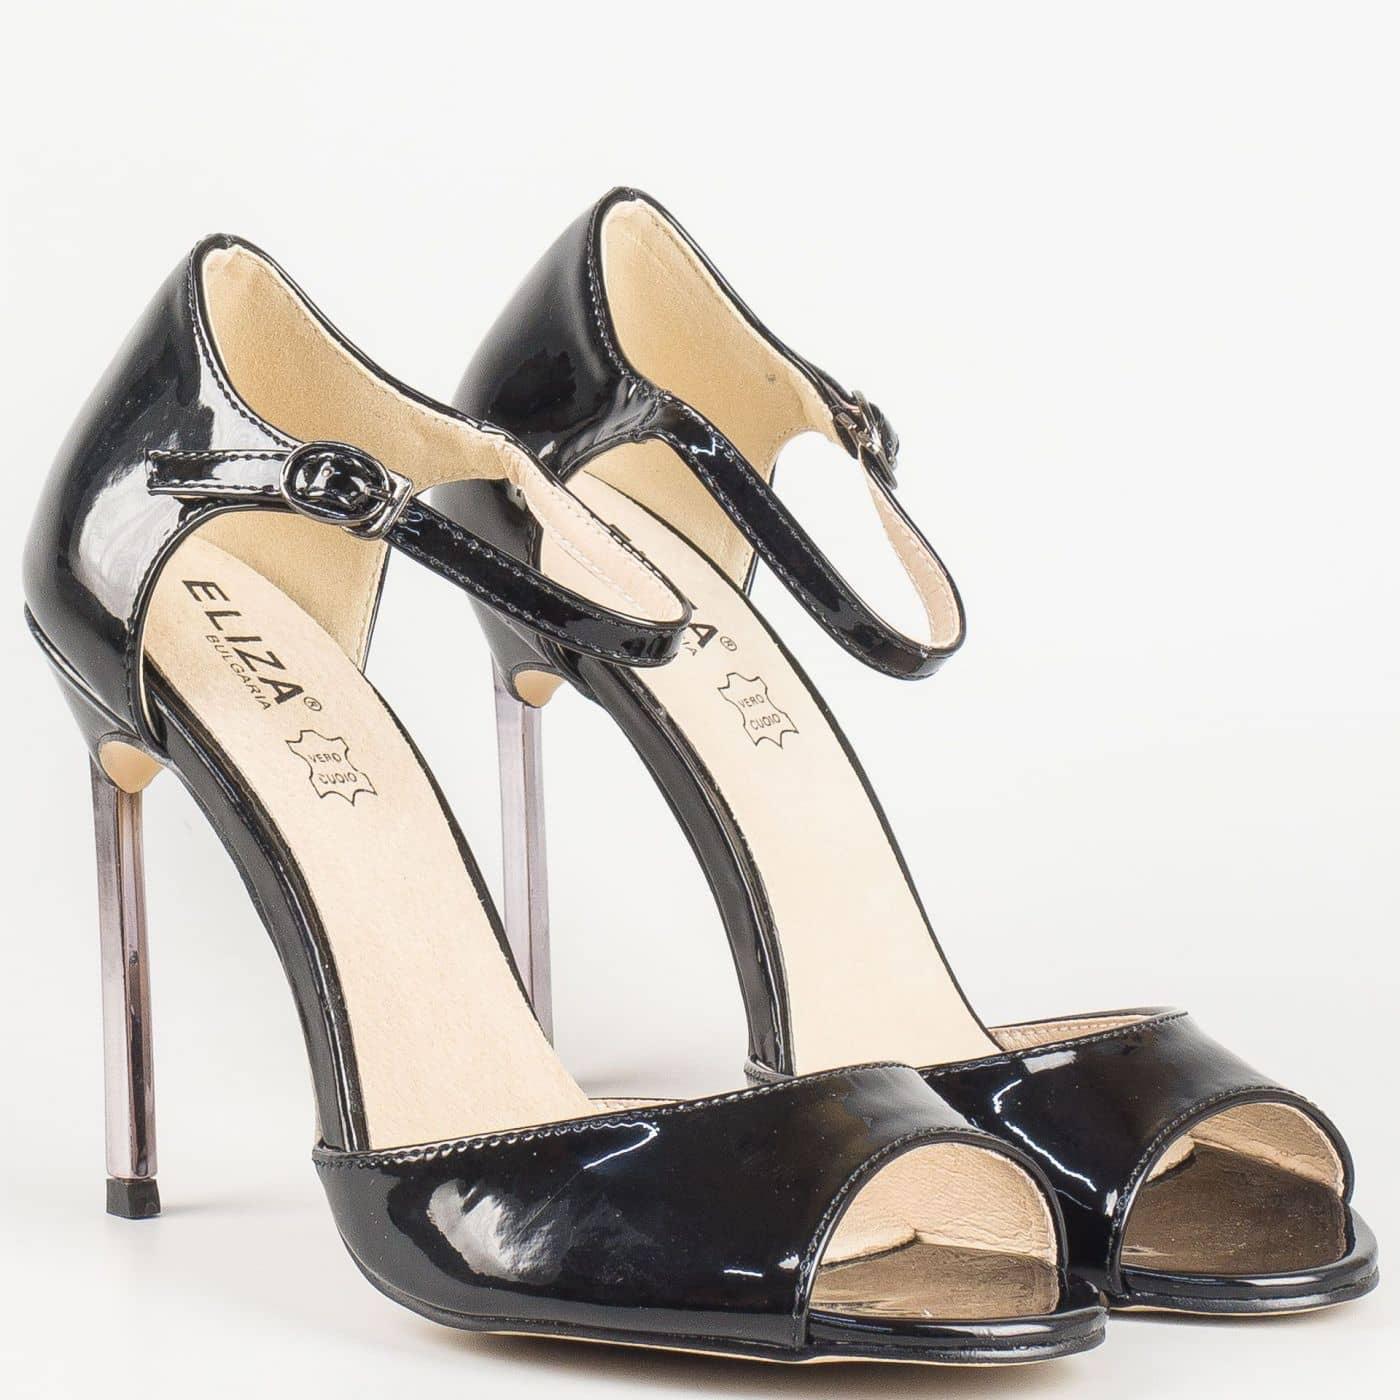 b4a70a00516 Лачени дамски сандали със стелка от естествена кожа на елегантен висок ток  в черен цвят- Eliza 1522801ch - Sisi-bg.com